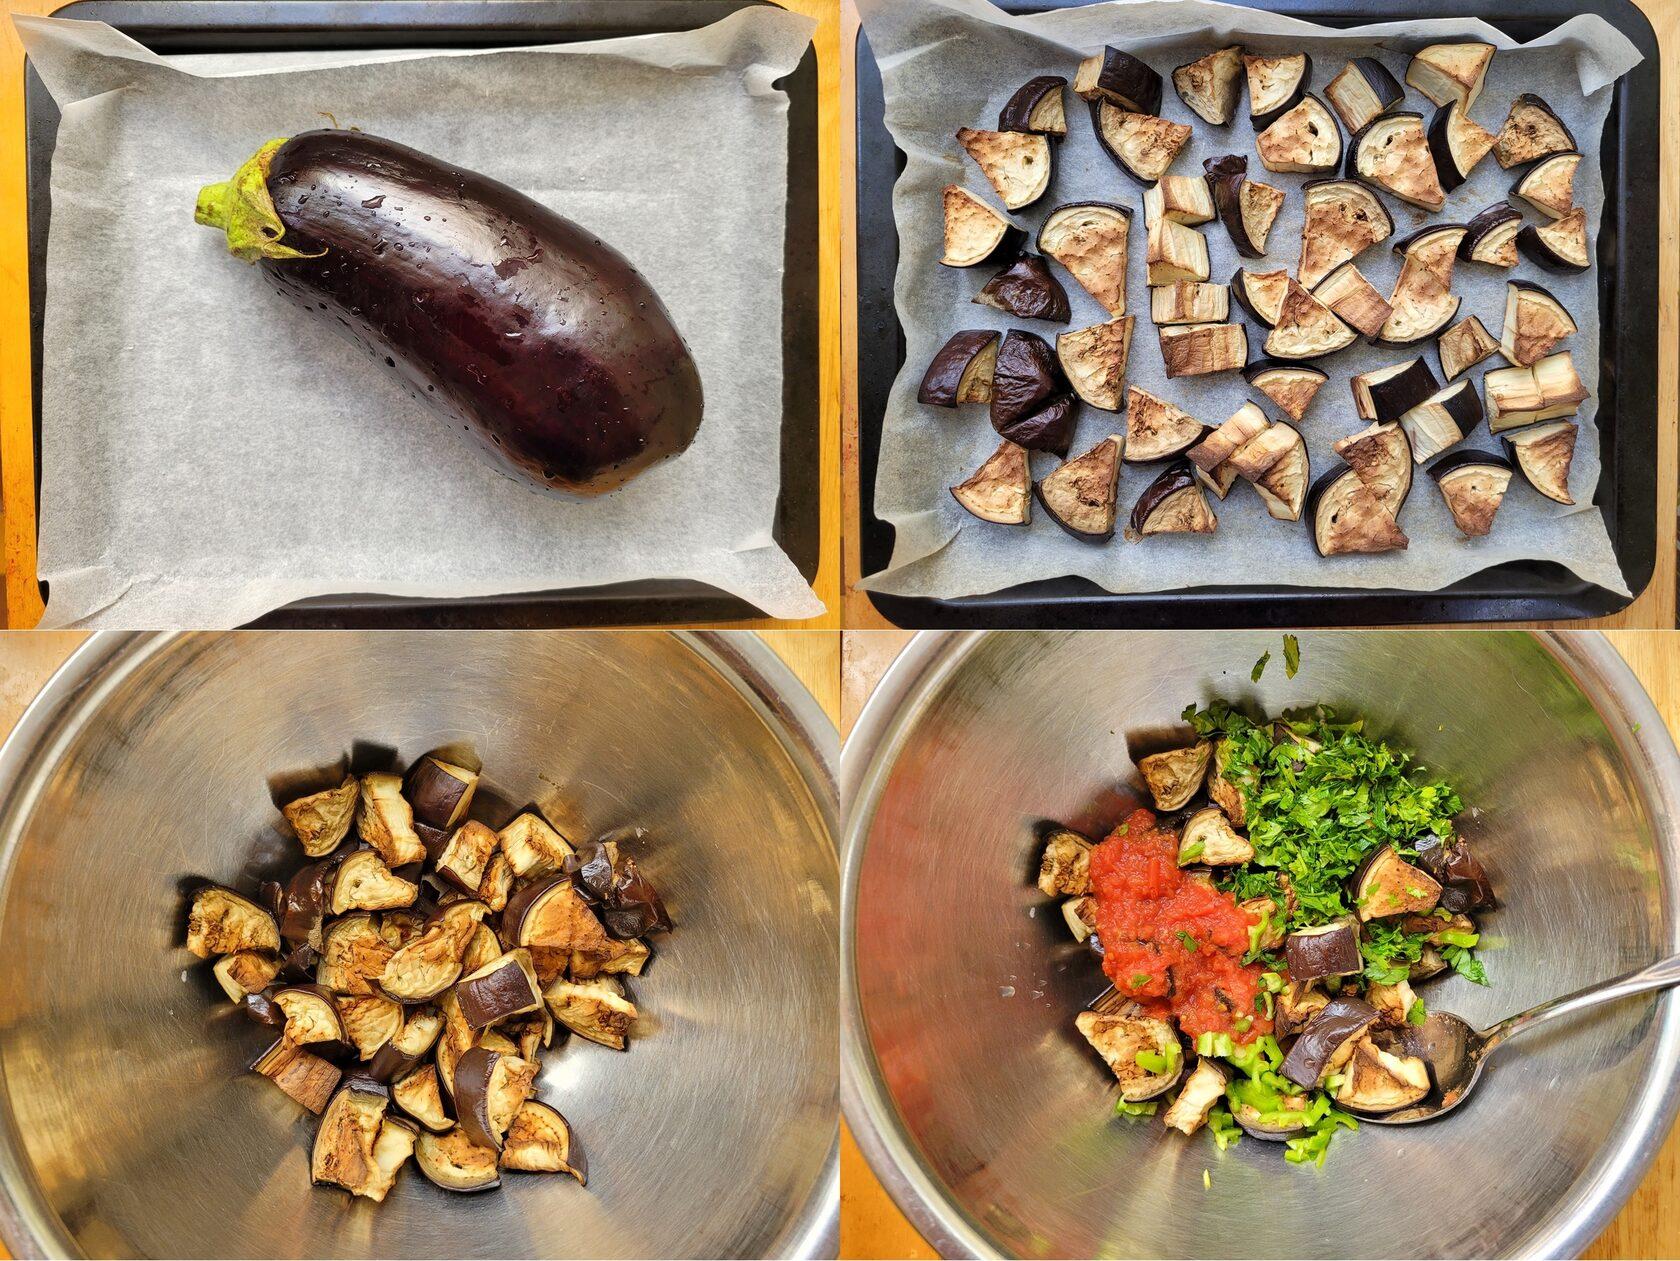 Салат из баклажанов в духовке с томатным пюре и зеленью. Фото рецепт.